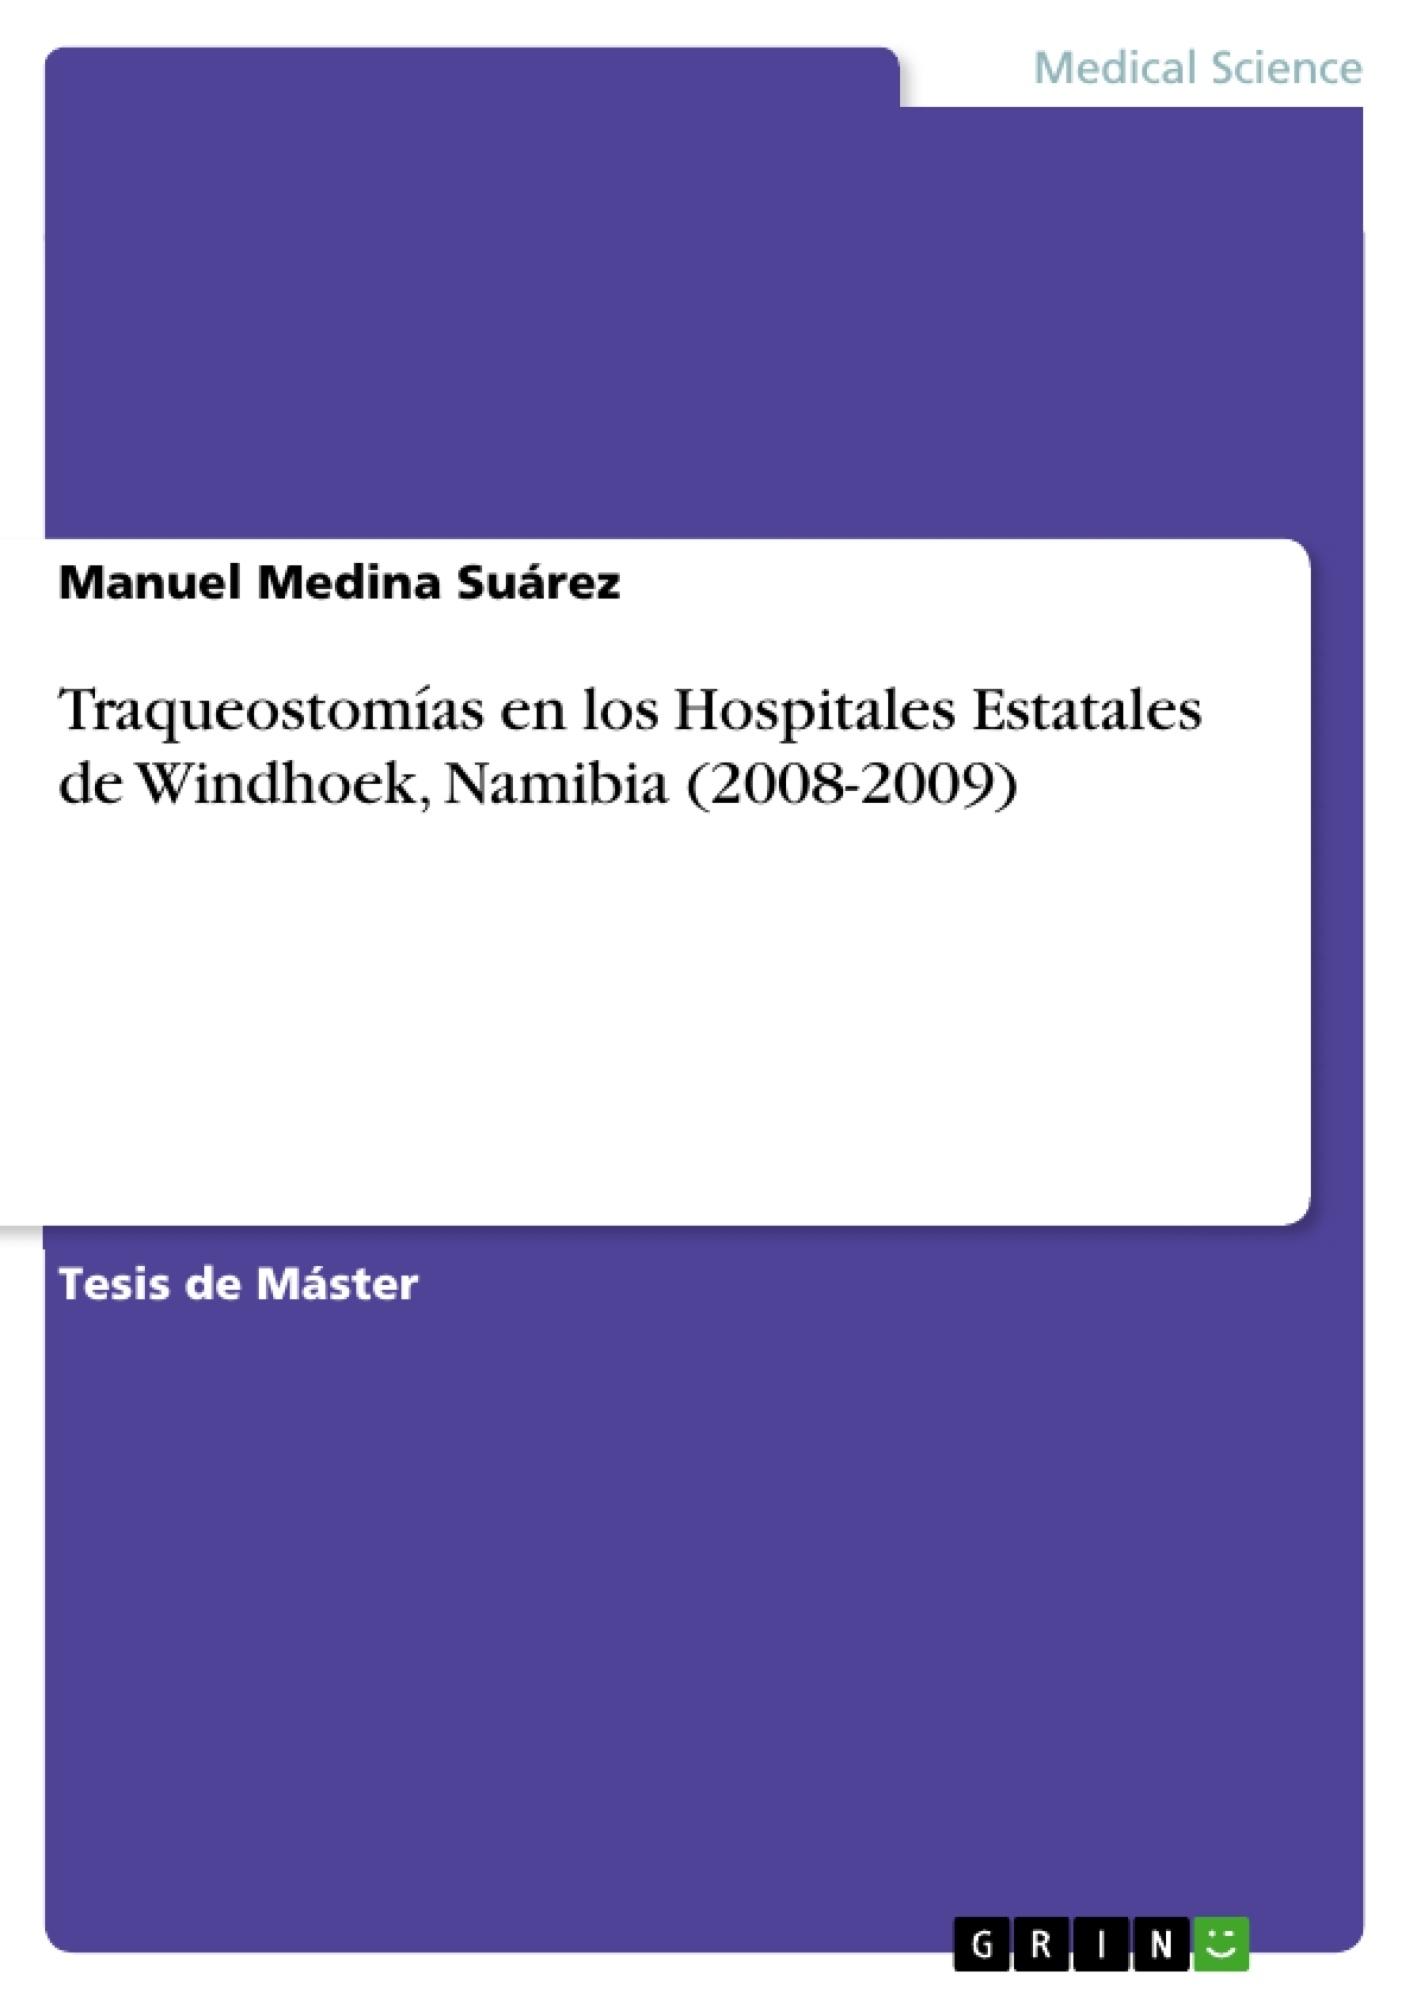 Título: Traqueostomías en los Hospitales Estatales de Windhoek, Namibia (2008-2009)